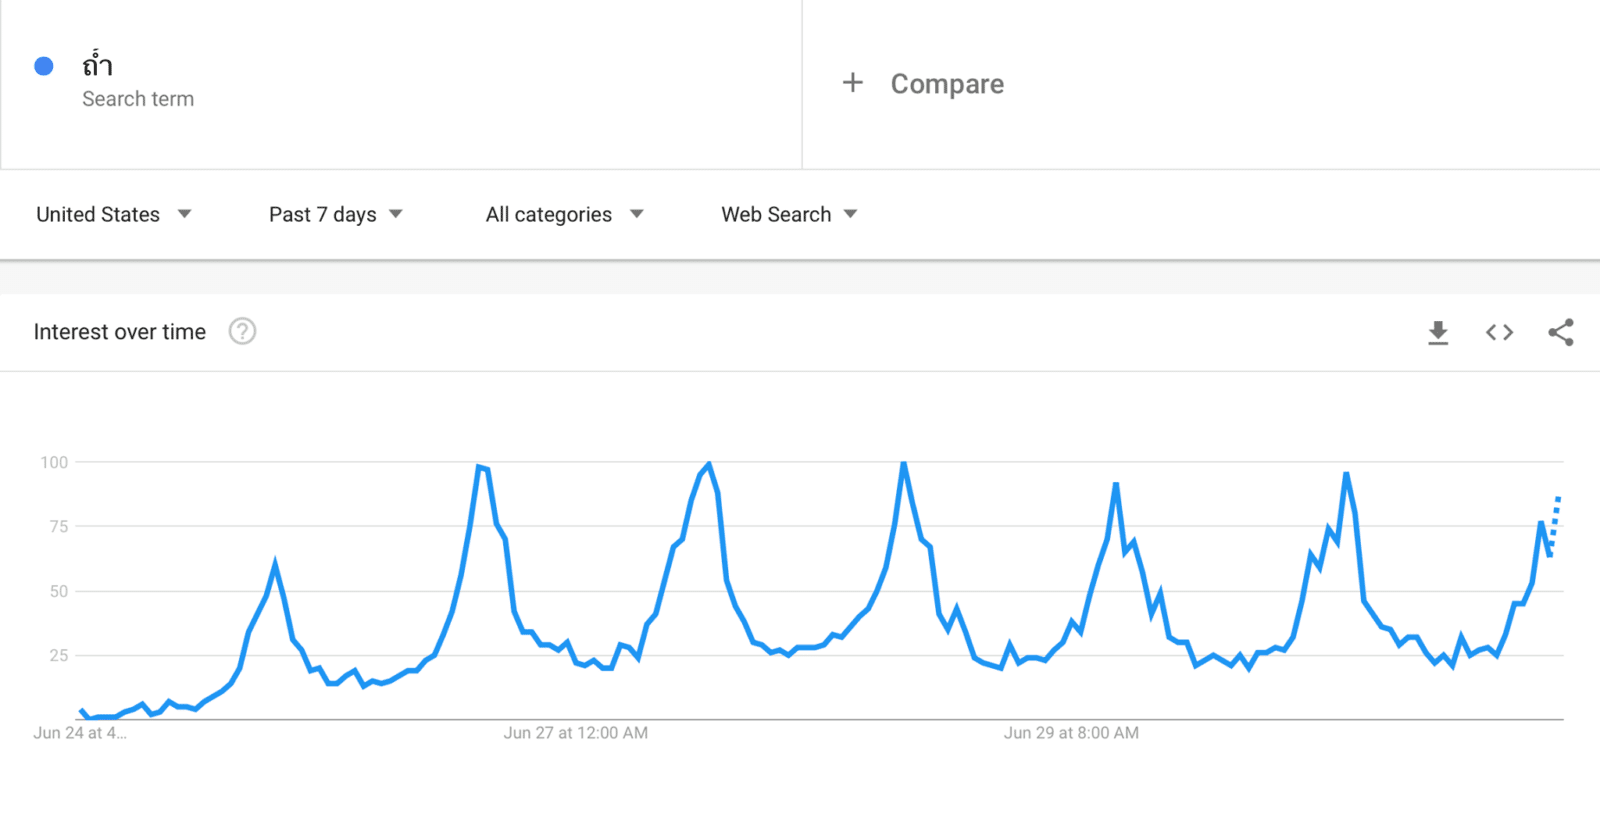 ดูผลและสถิติการค้นหากรณีถ้ำหลวง ผ่าน Google Trend บอกอะไรเรา